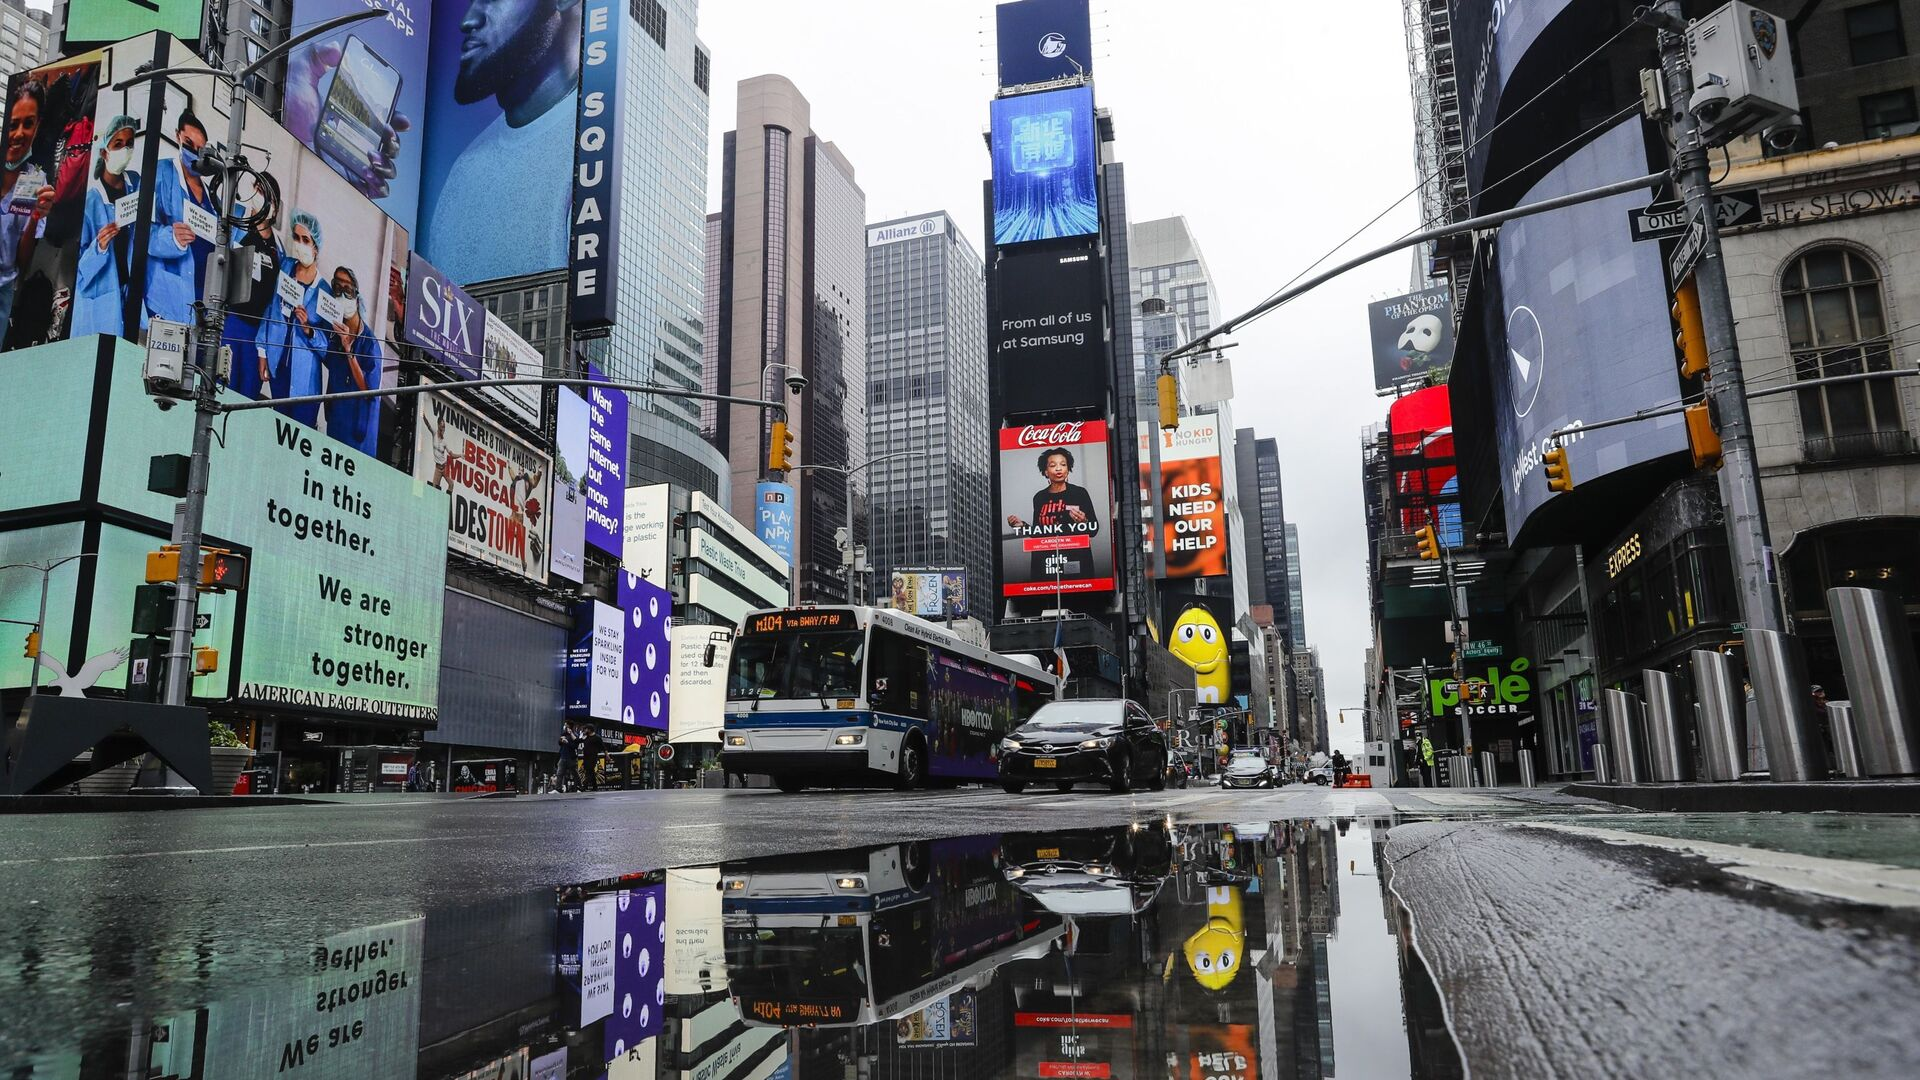 Таймс сквер в Нью-Йорке во время пандемии COVID 19 - Sputnik Грузия, 1920, 10.09.2021